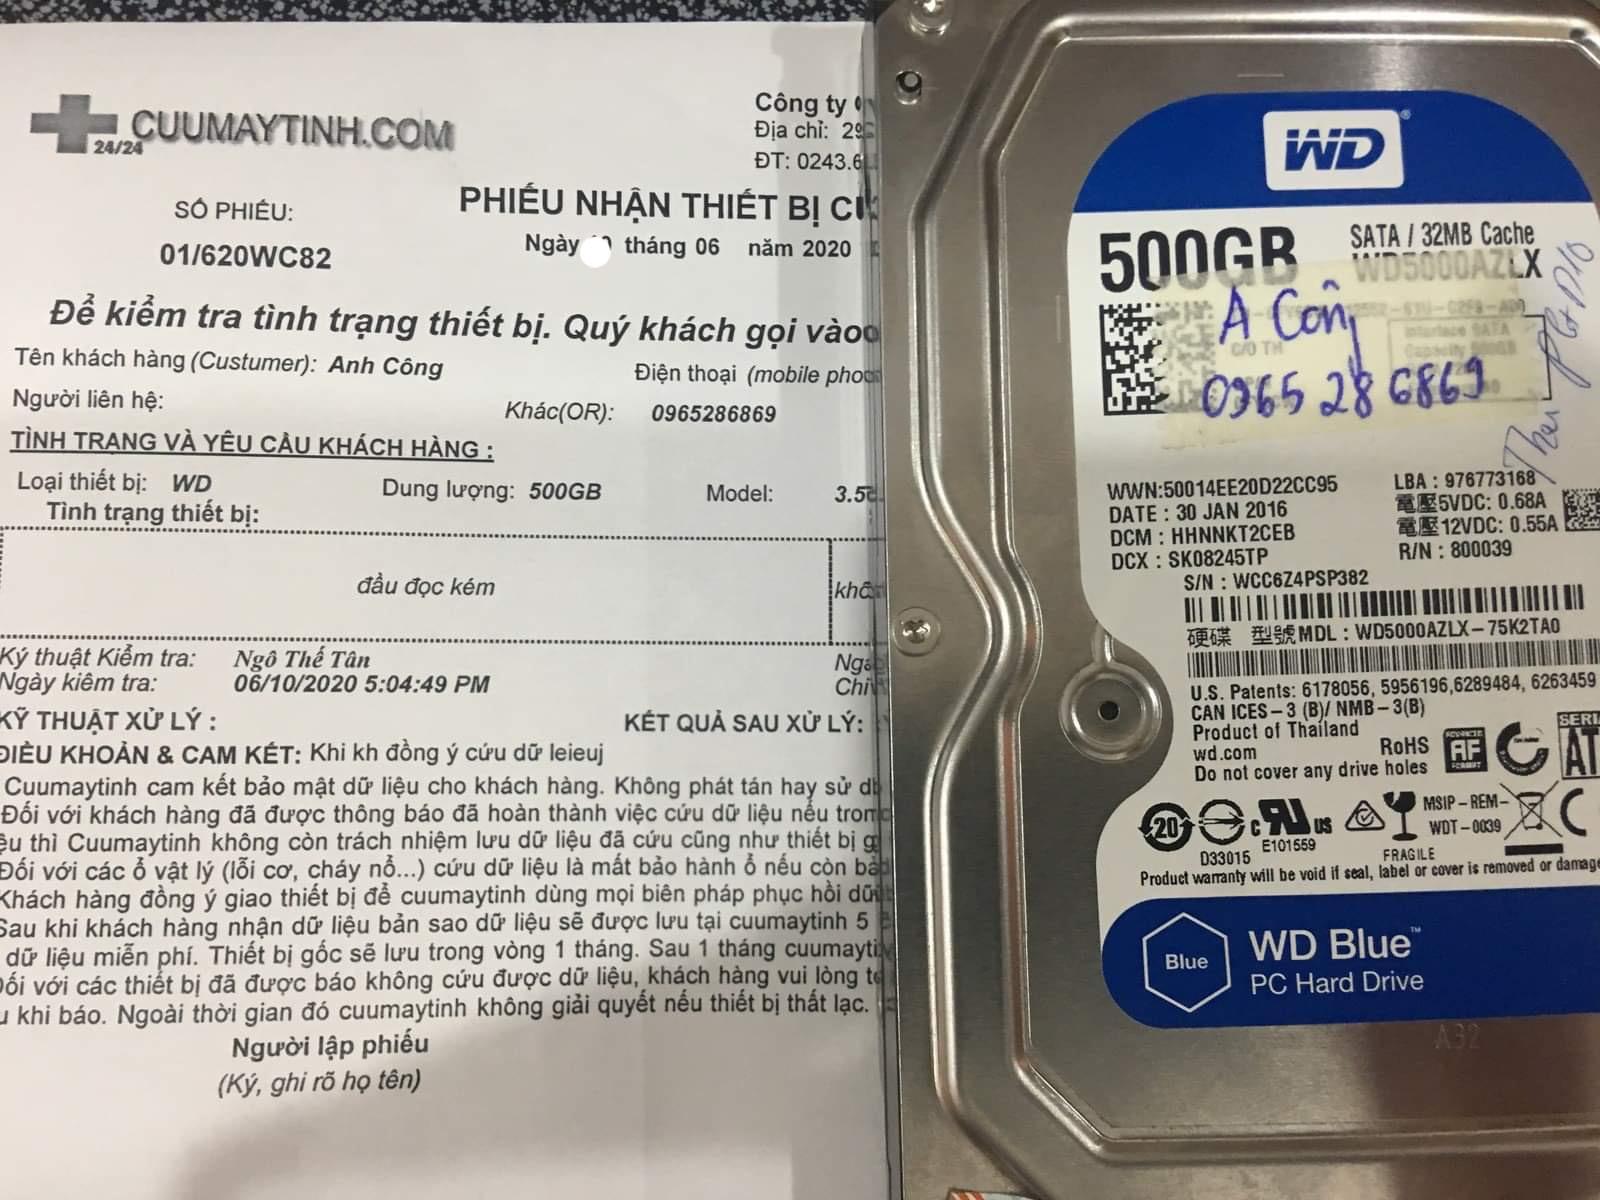 Khôi phục dữ liệu ổ cứng Western 500GB đầu đọc kém 16/06/2020 - cuumaytinh